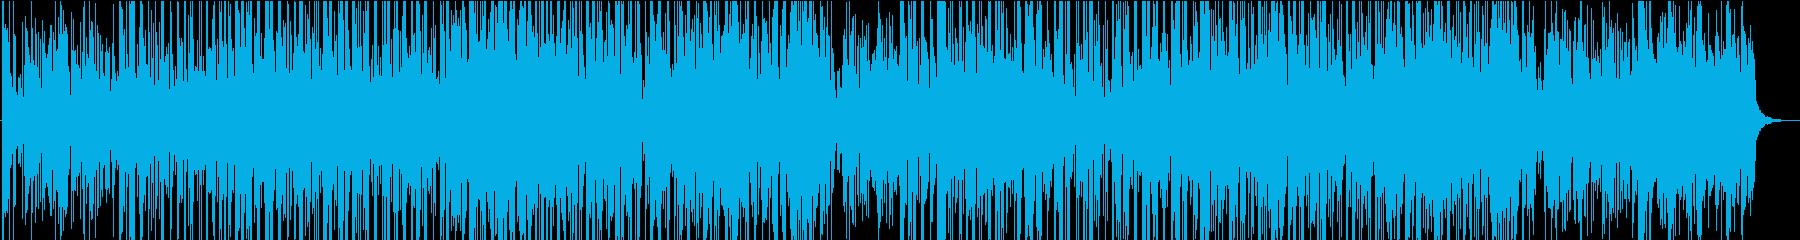 スムースジャズとモダンなチルアウトの再生済みの波形